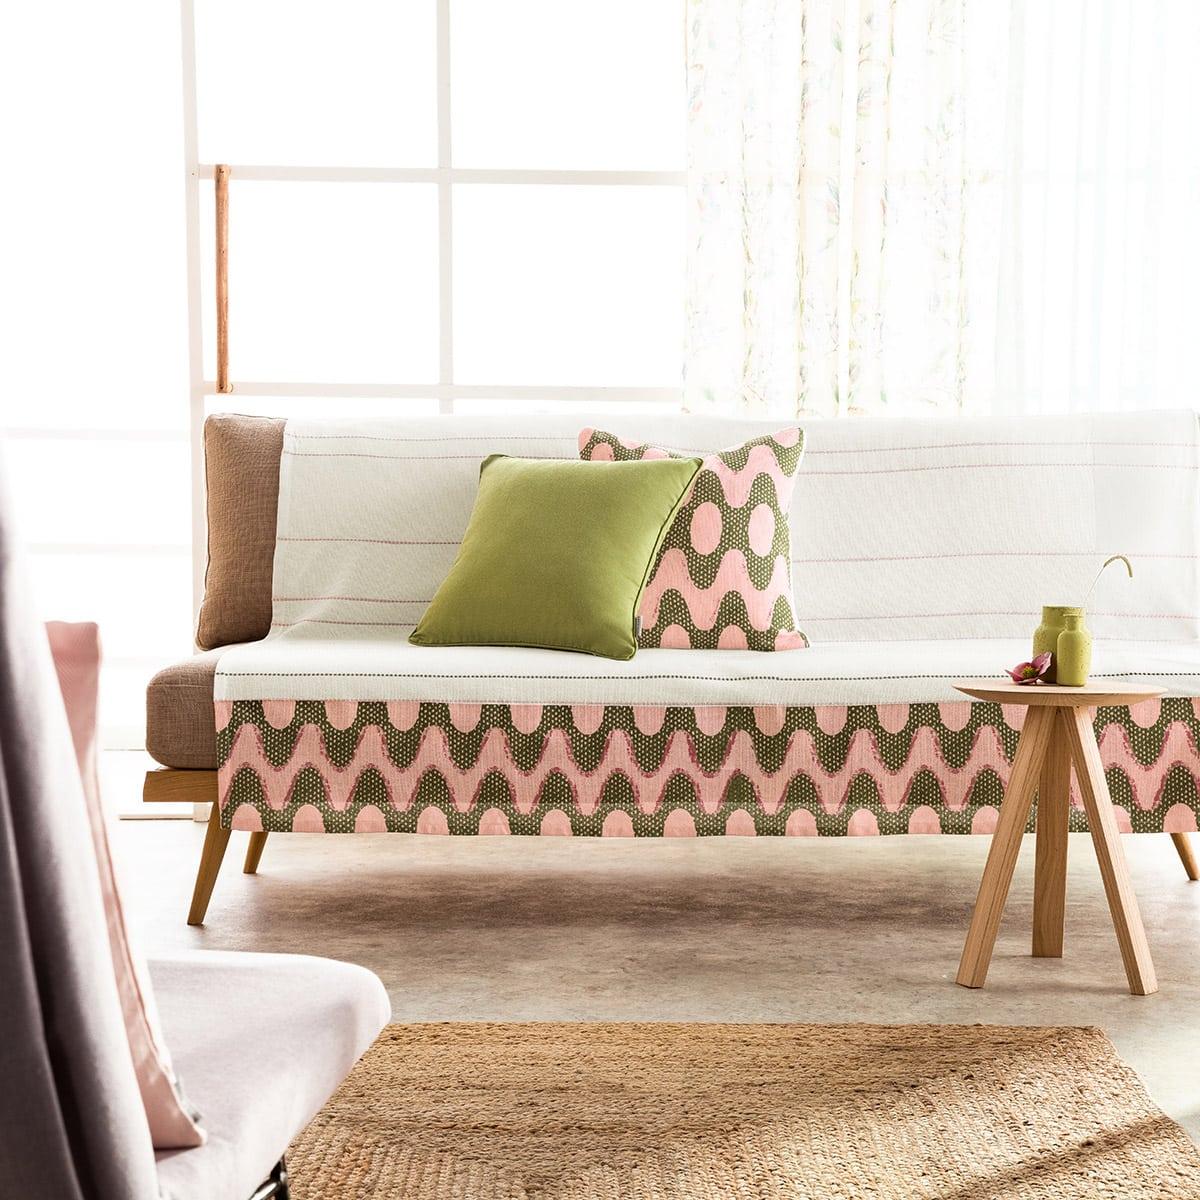 Ριχτάρι Dizzy 659 Somon-Green Gofis Home Διθέσιο 180x250cm